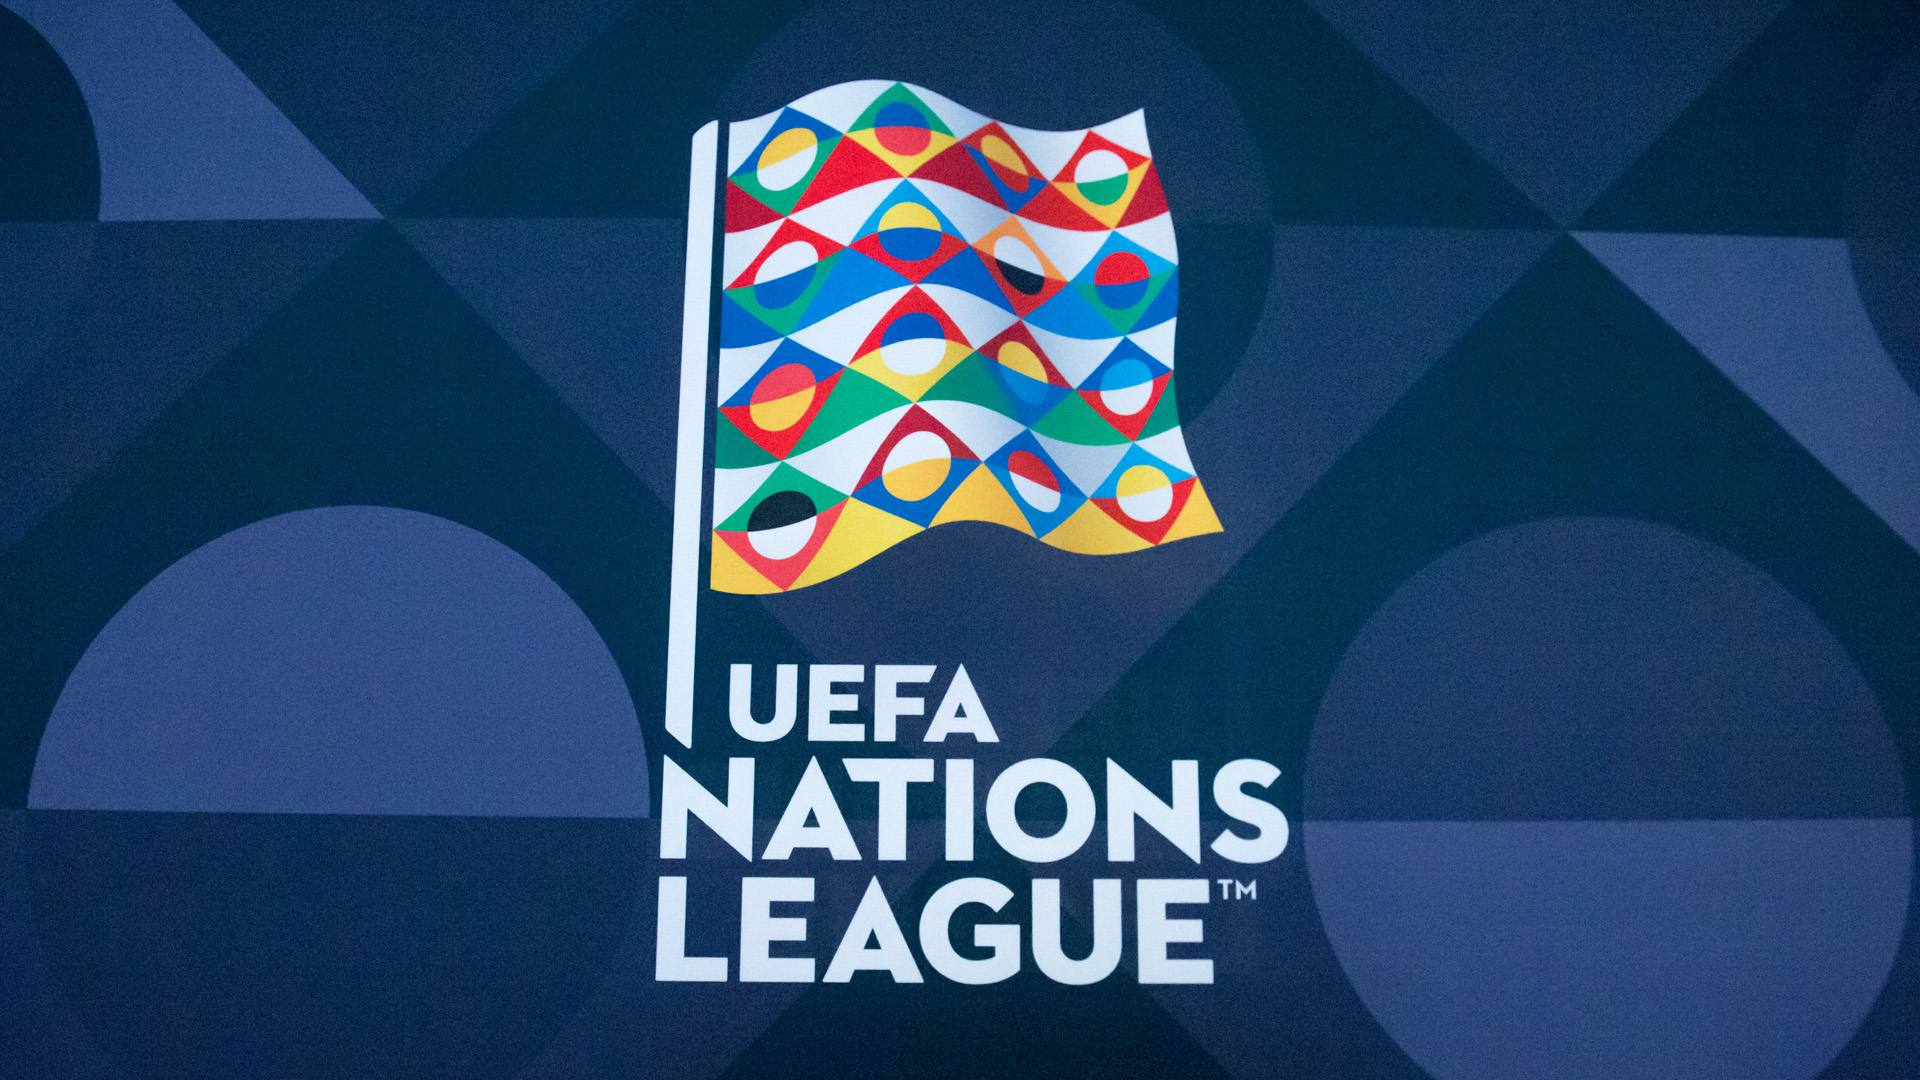 Liga Das Nacoes Da Uefa Quem Esta Classificado E Eliminado Dos Play Offs Goal Com